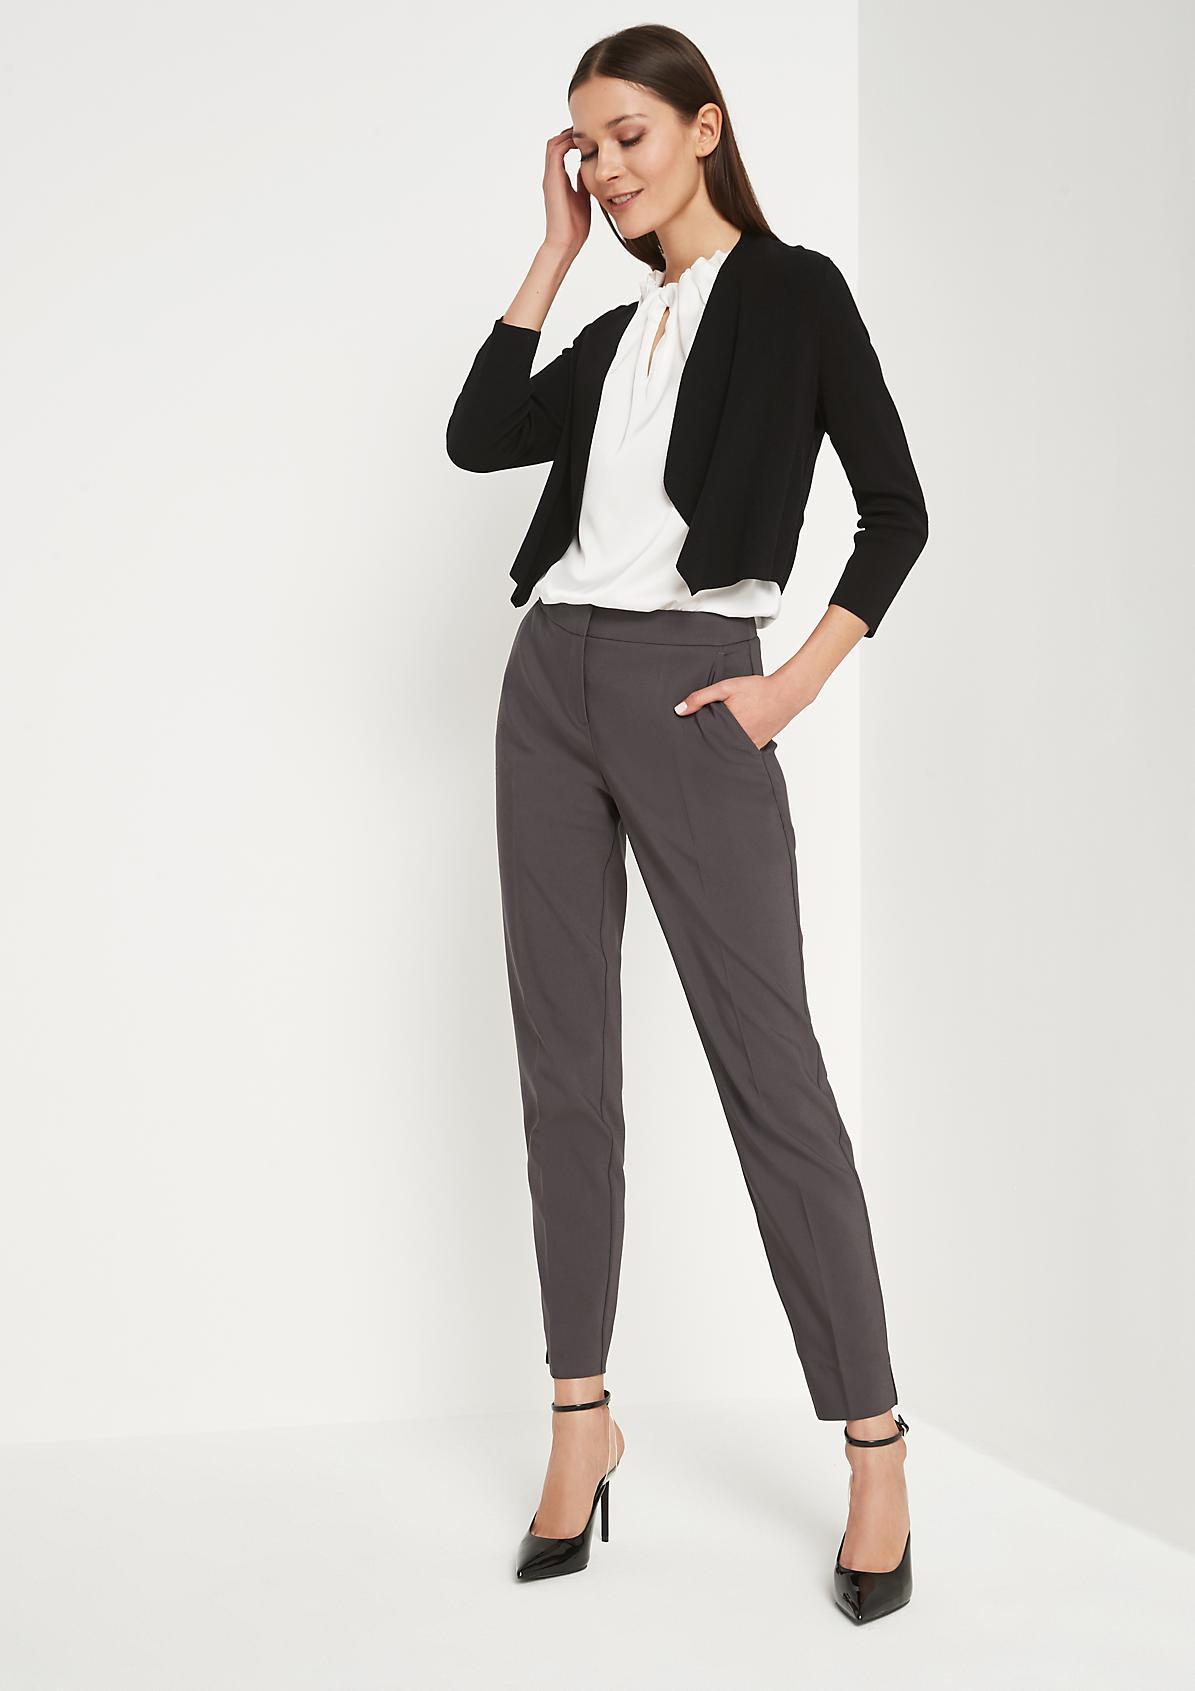 Knit bolero with 3/4-length sleeves from comma